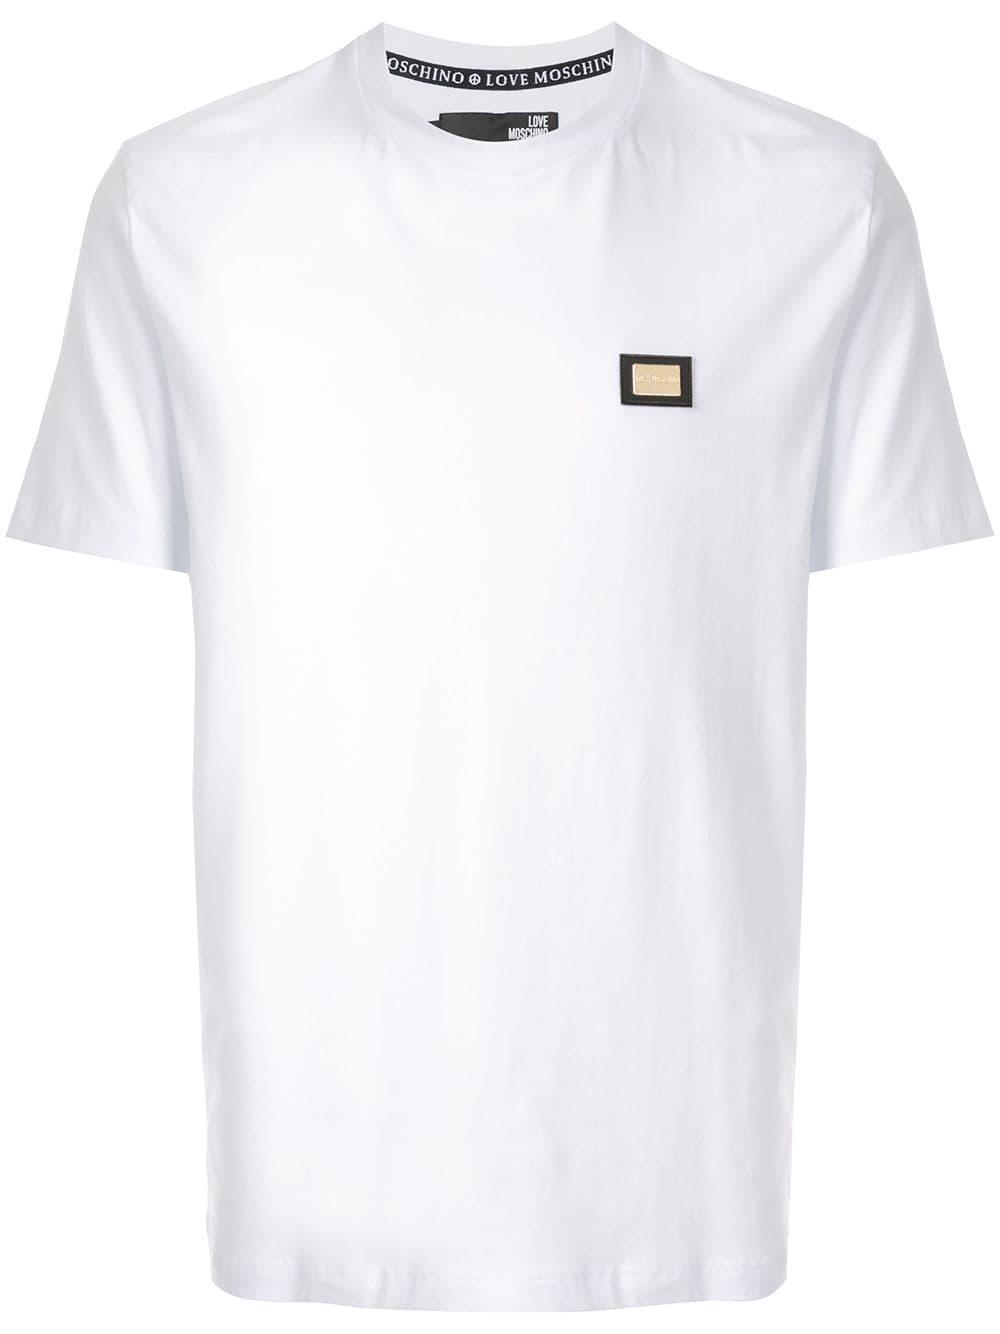 Love Moschino Metallic Plate T Shirt White Moschino Mens Tops Shirts